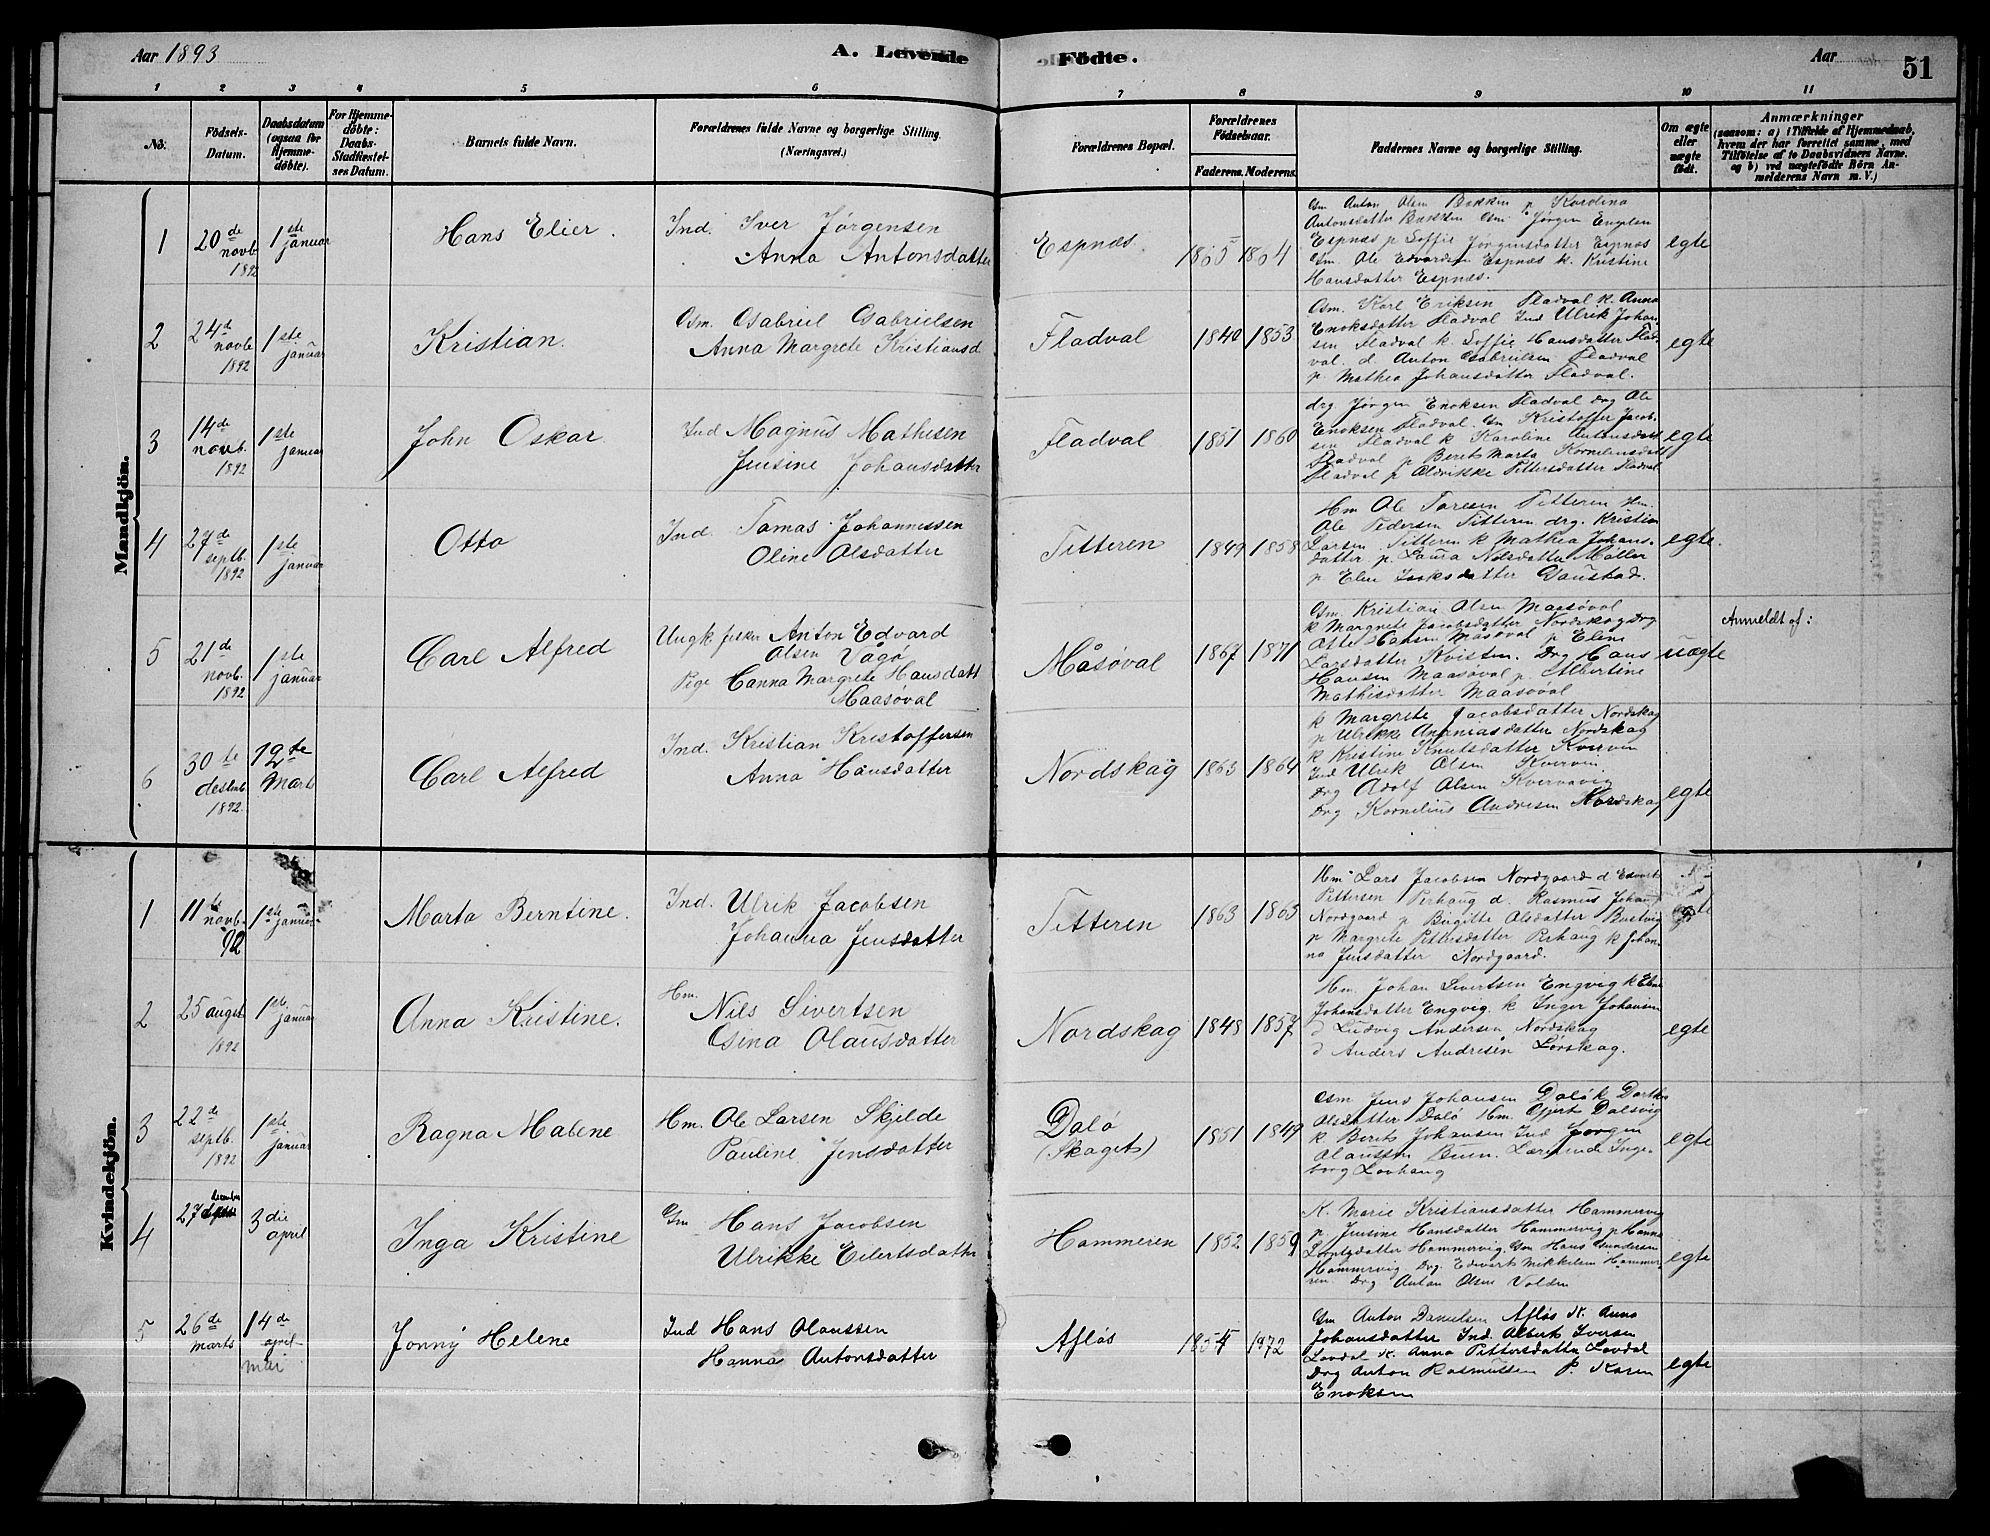 SAT, Ministerialprotokoller, klokkerbøker og fødselsregistre - Sør-Trøndelag, 641/L0597: Klokkerbok nr. 641C01, 1878-1893, s. 51